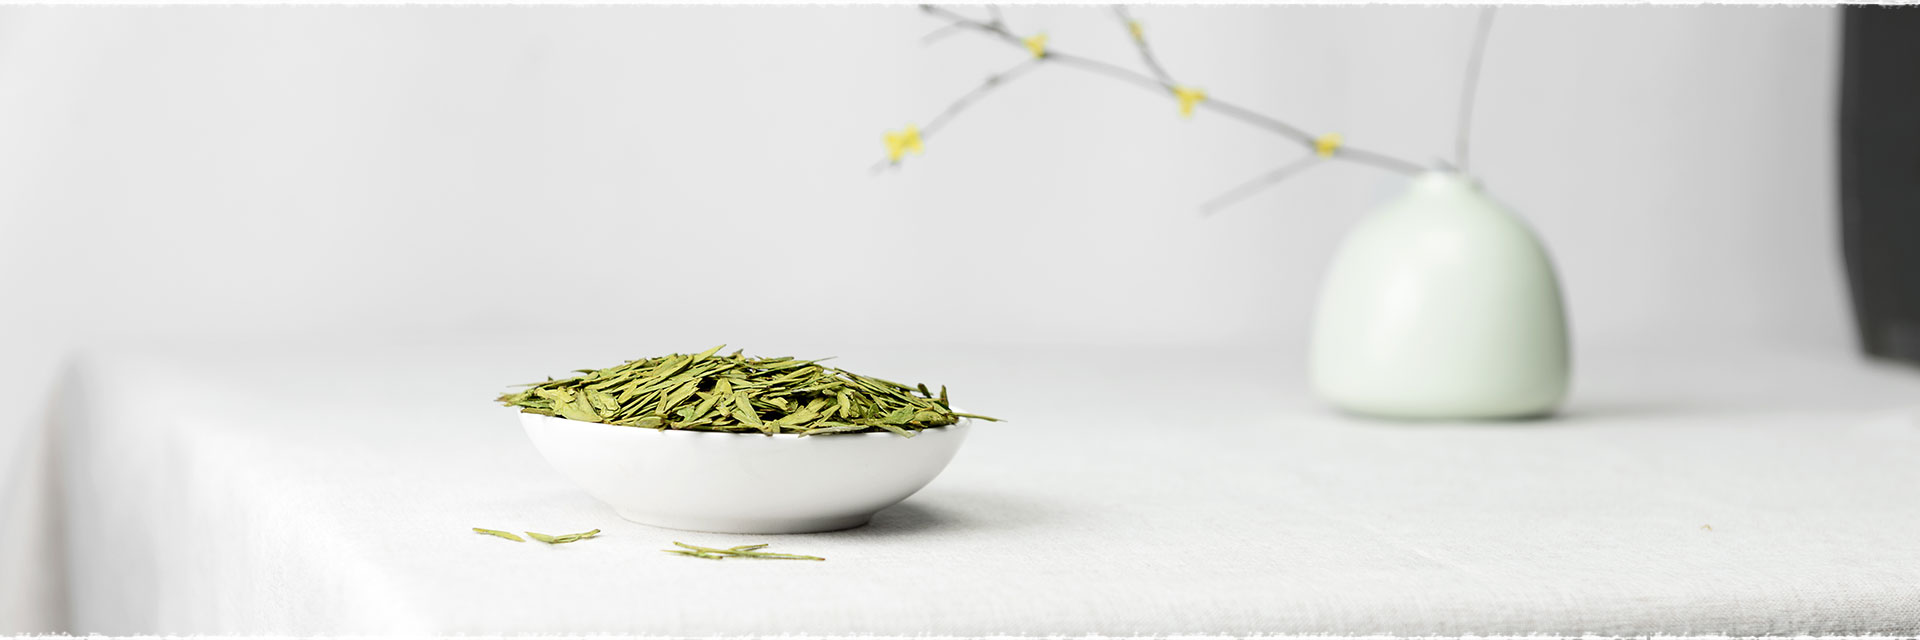 She Qian Tea, Ming Qian Tea, and Yu Qian Tea